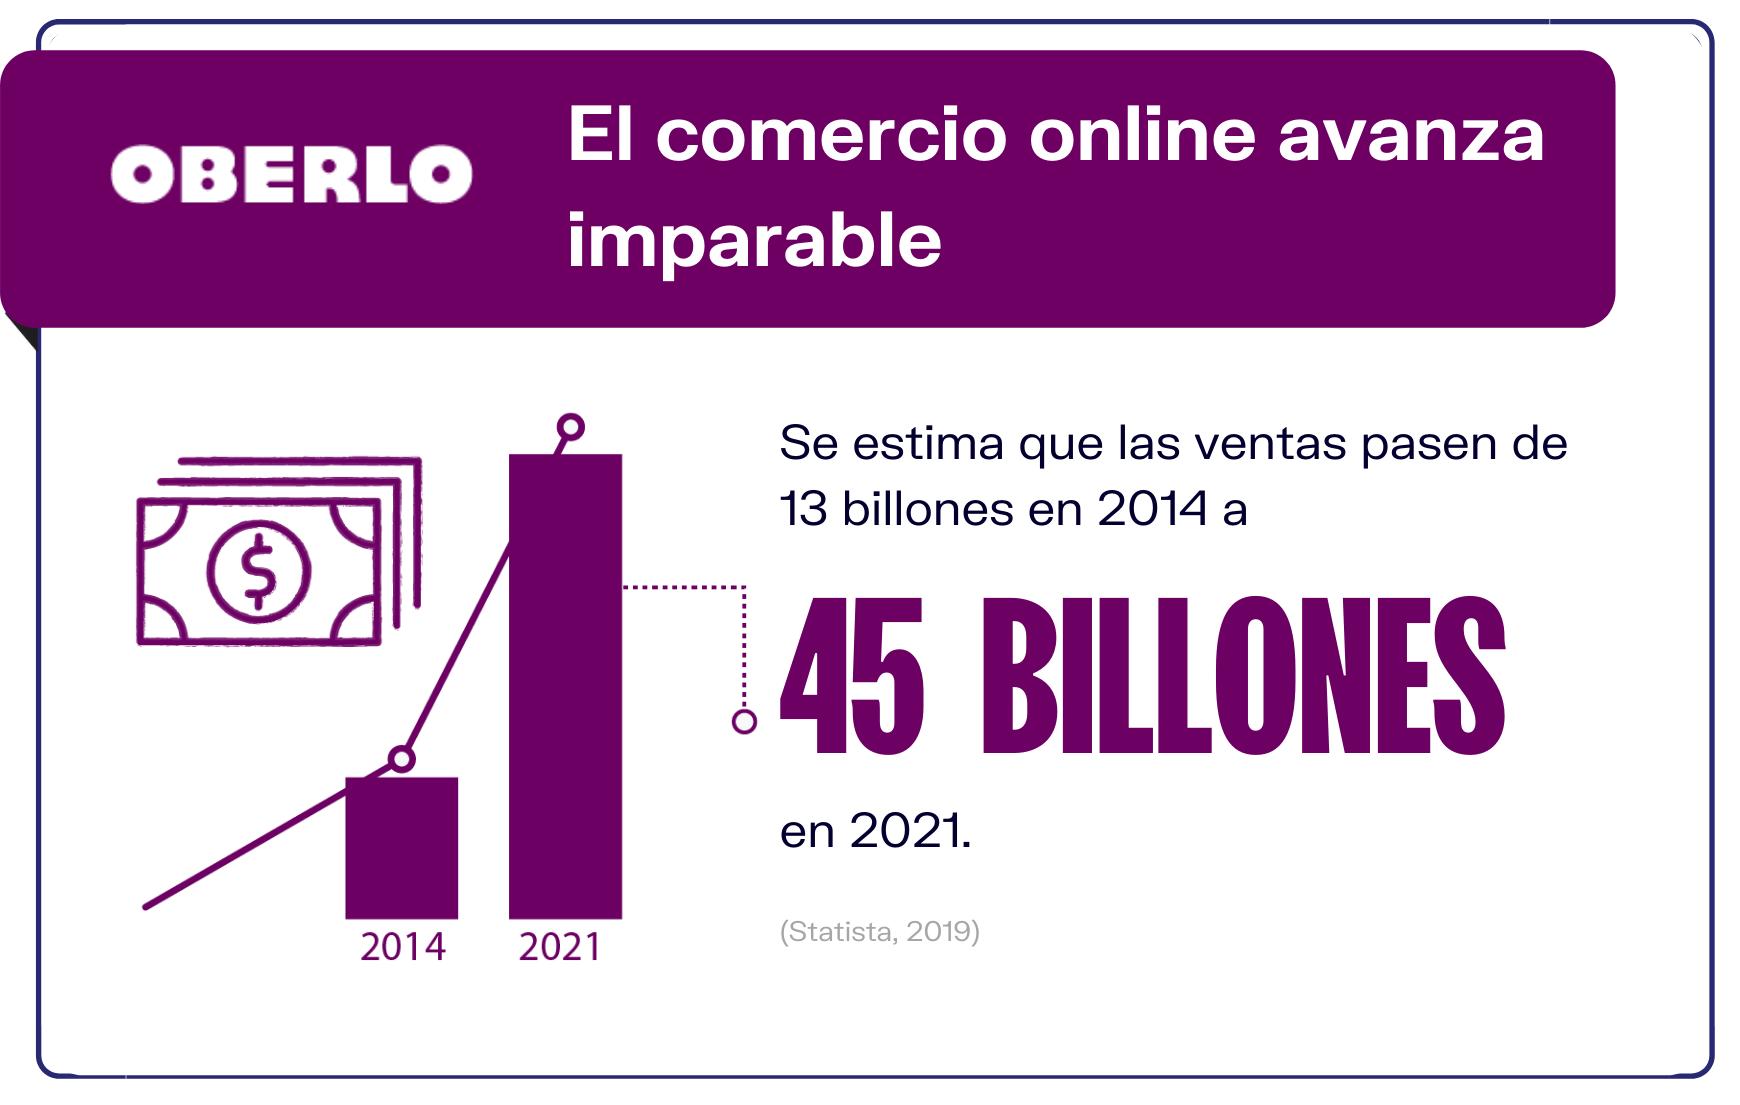 1-Tendencias-de-ecommerce-El-crecimiento-de-las-ventas-online-es-imparable